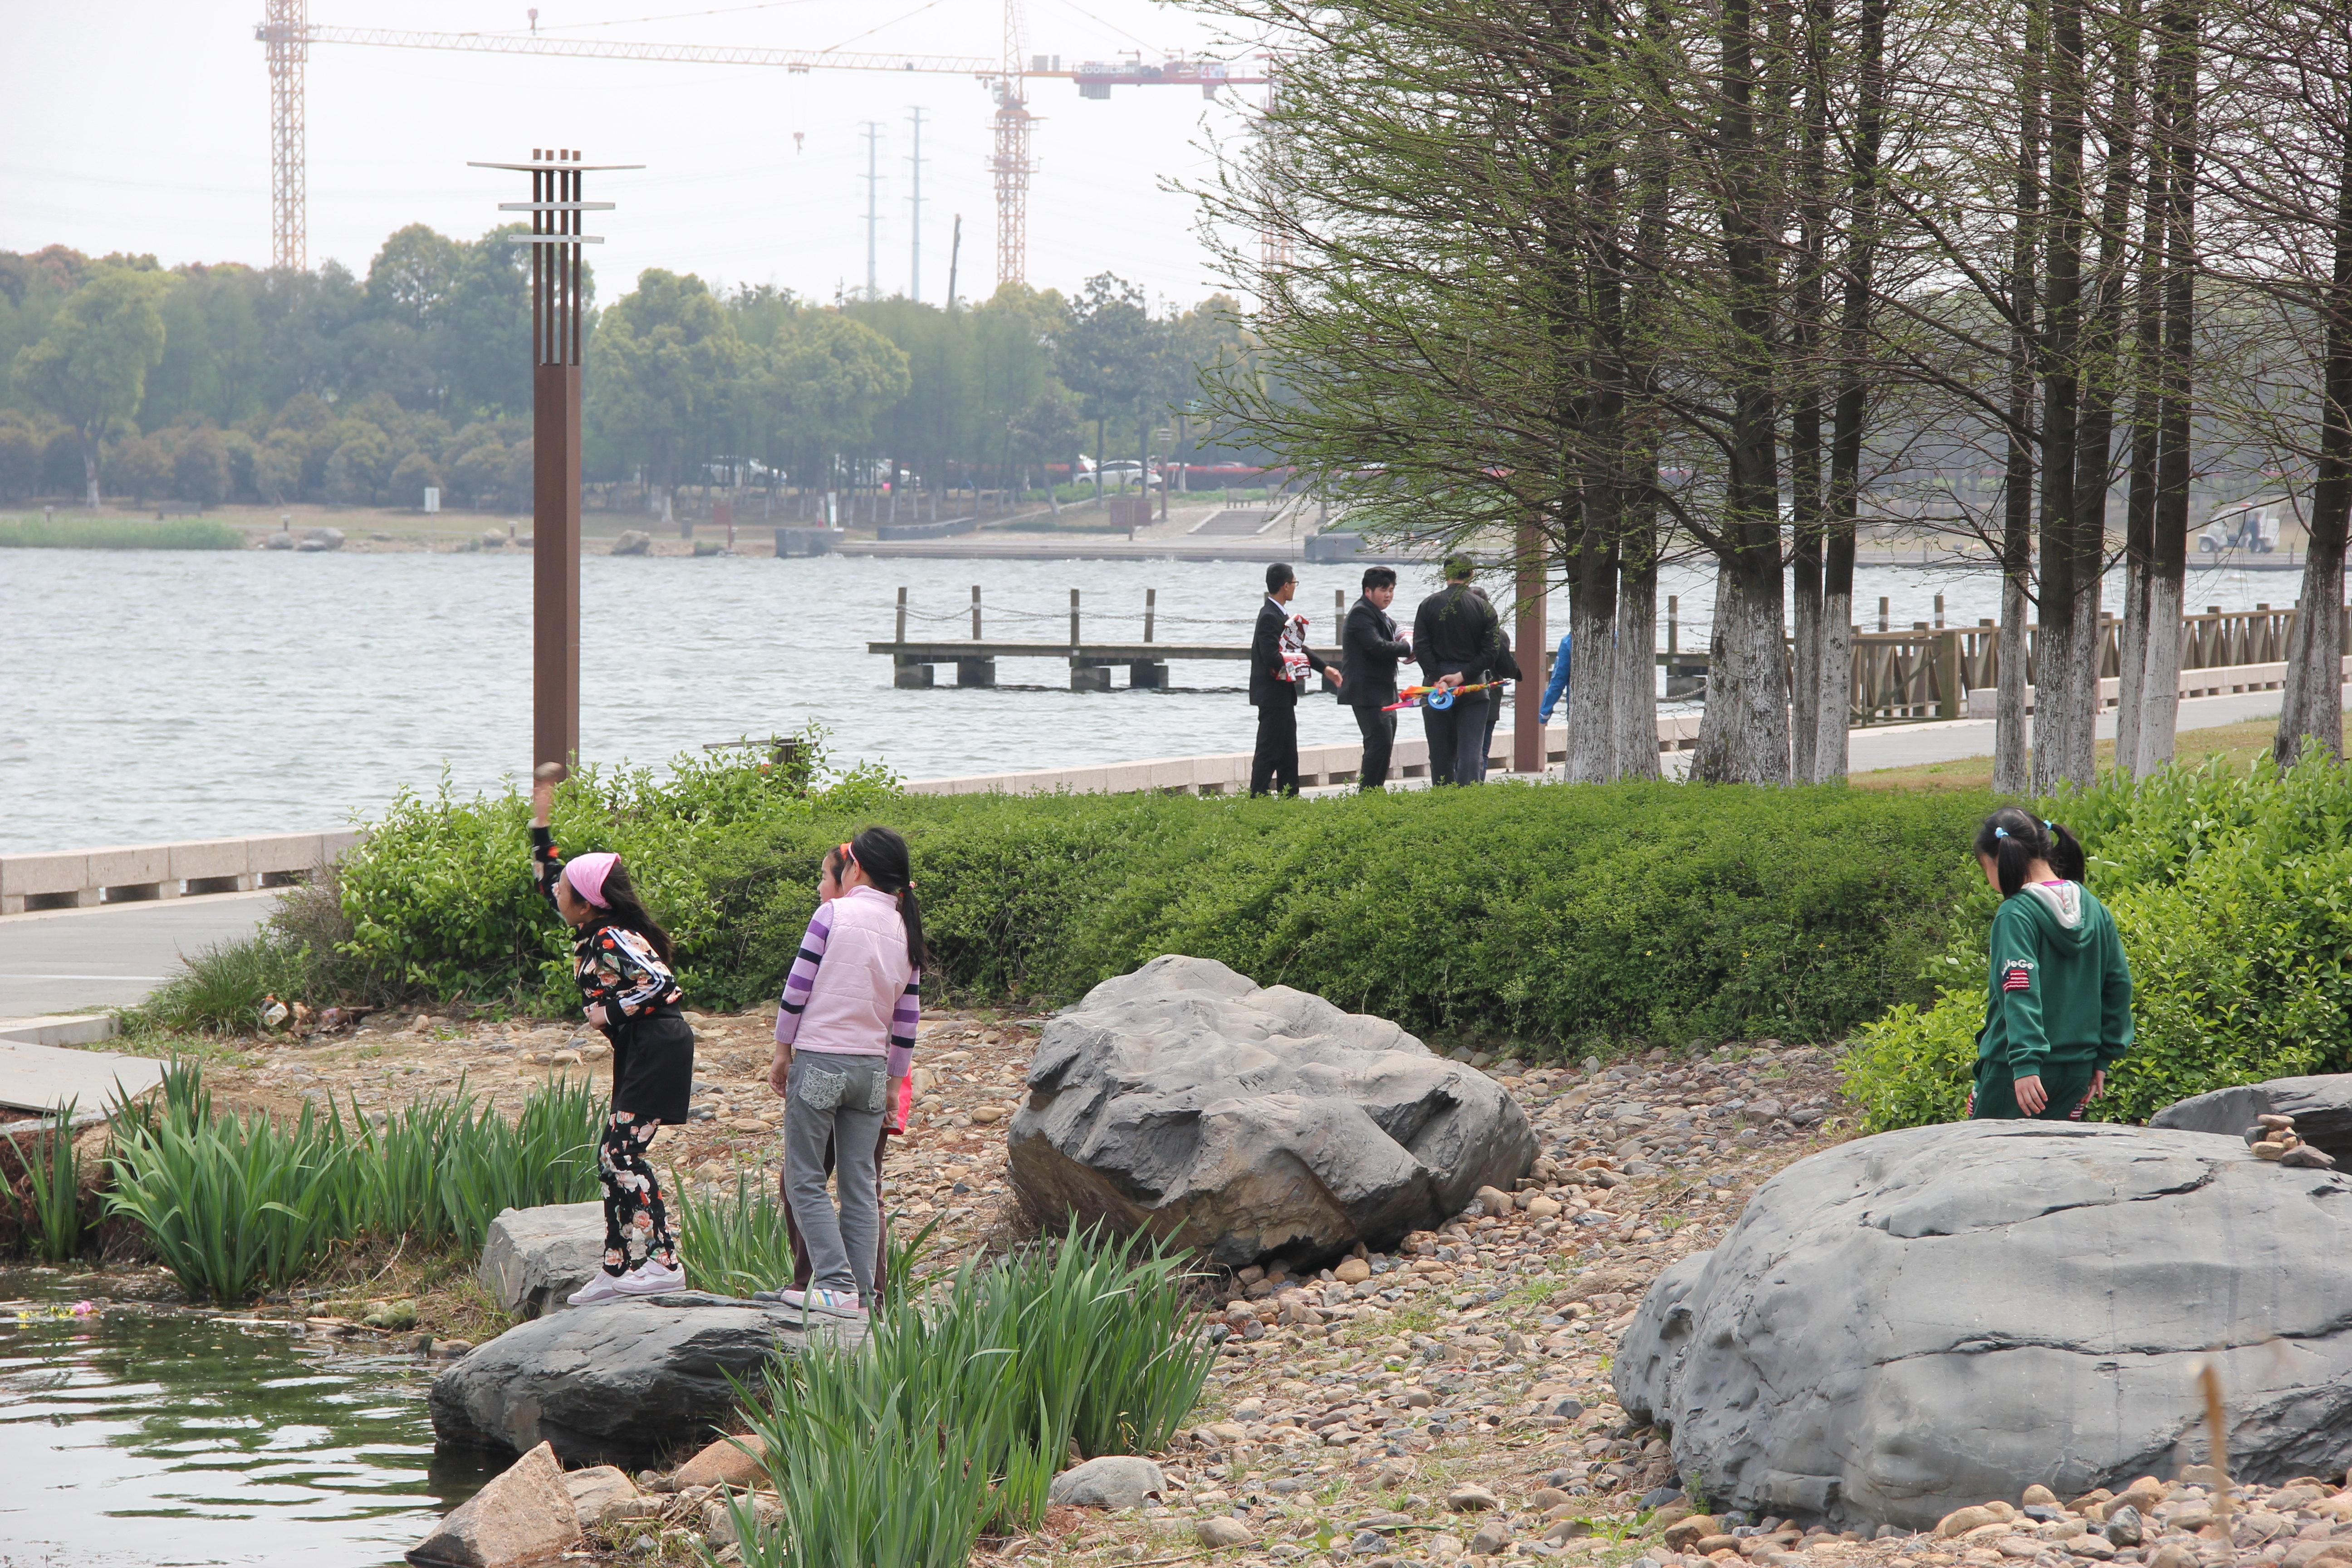 【携程攻略】江苏苏州沙湖生态公园好玩吗